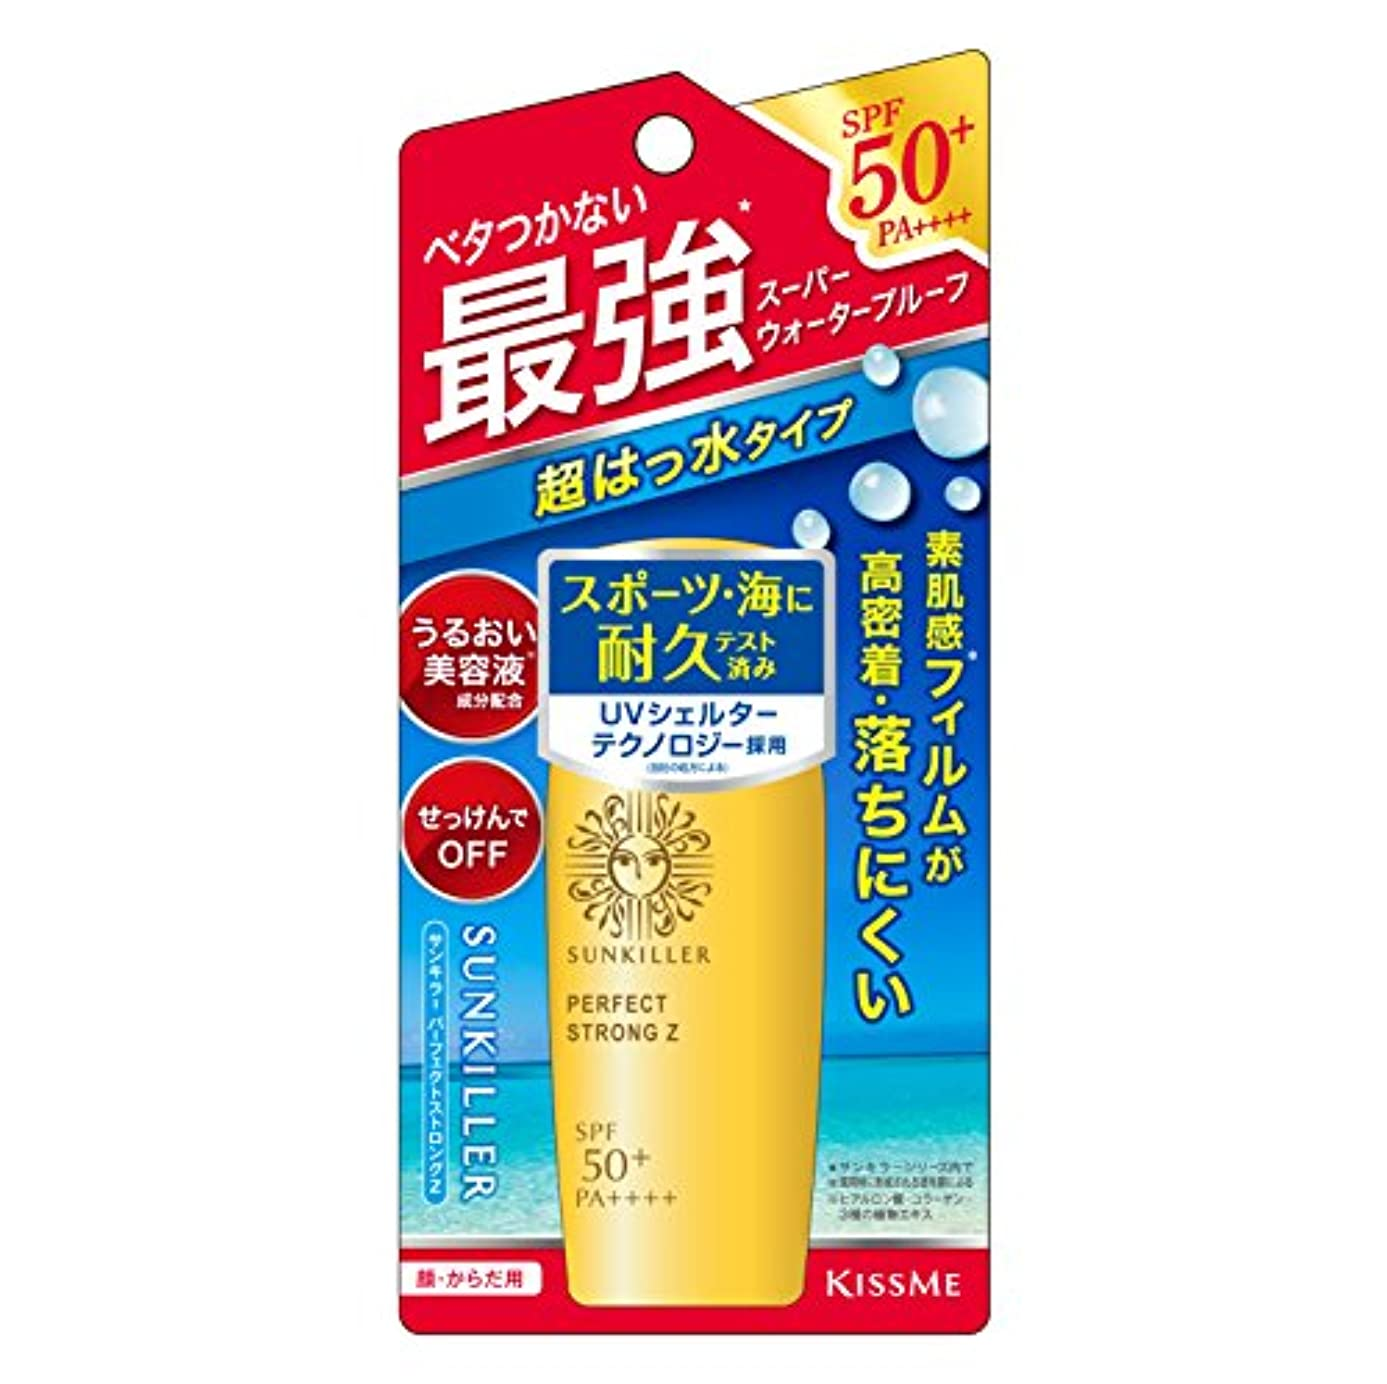 鎮痛剤単調なブローサンキラー パーフェクトストロングZ SPF50+ PA++++ 30ml